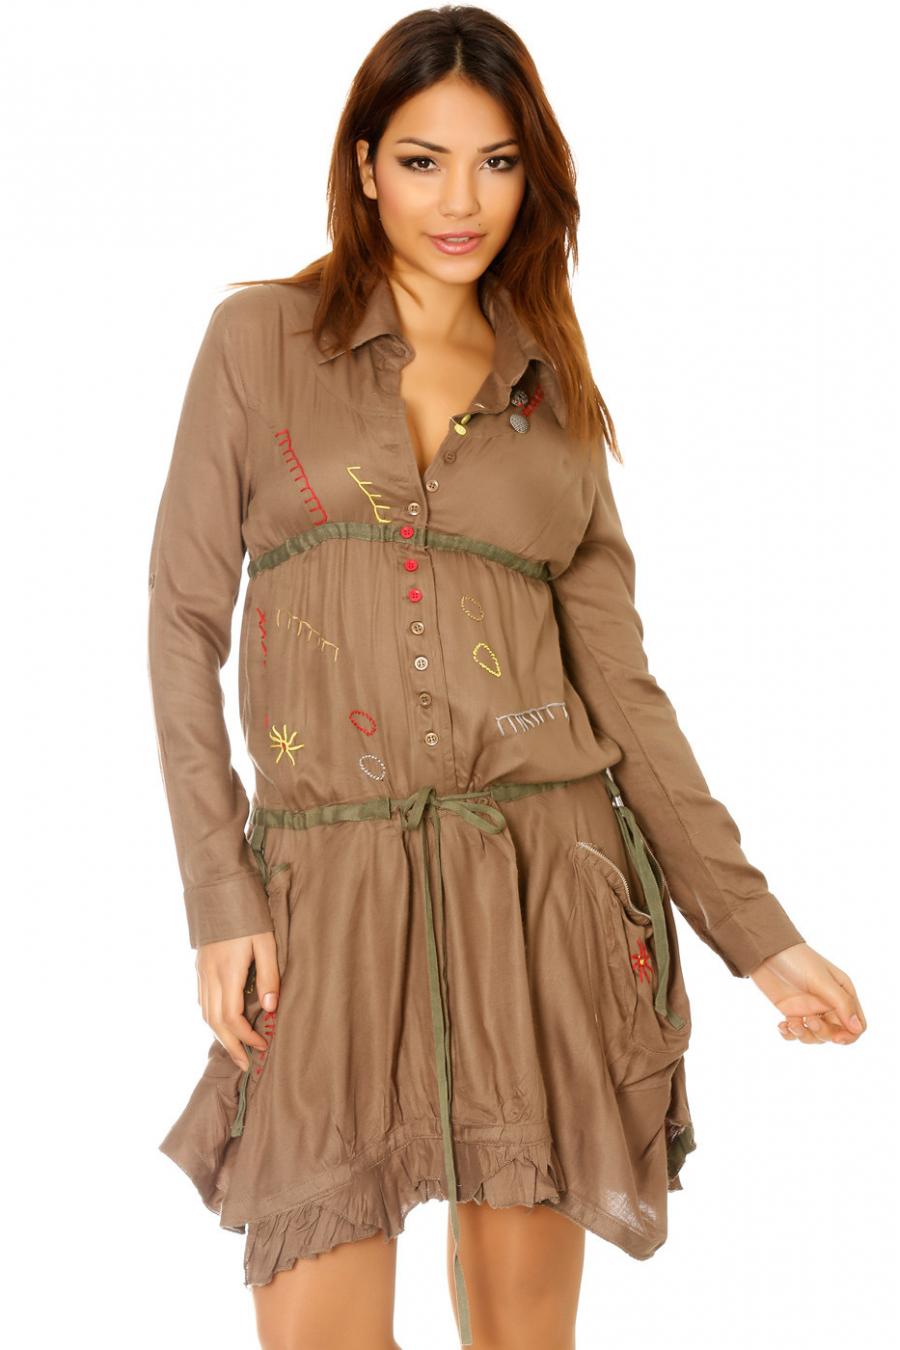 Robe tunique taupe boutonné avec broderie. Vêtement femme petit prix 921